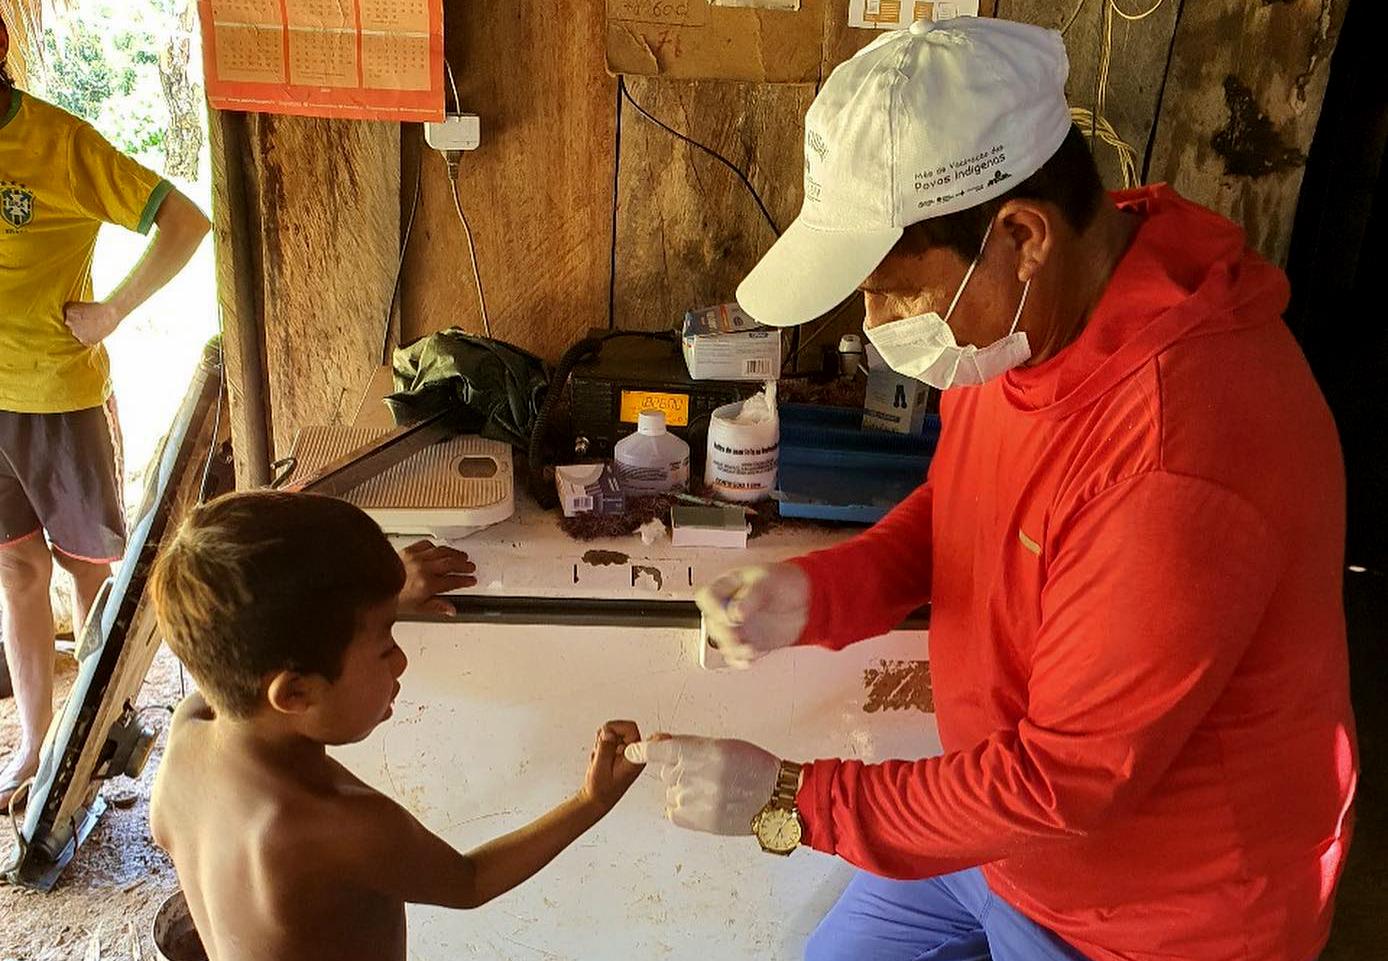 Morte por Covid-19 sobe para 4 entre os Yanomami, diz organização indígena